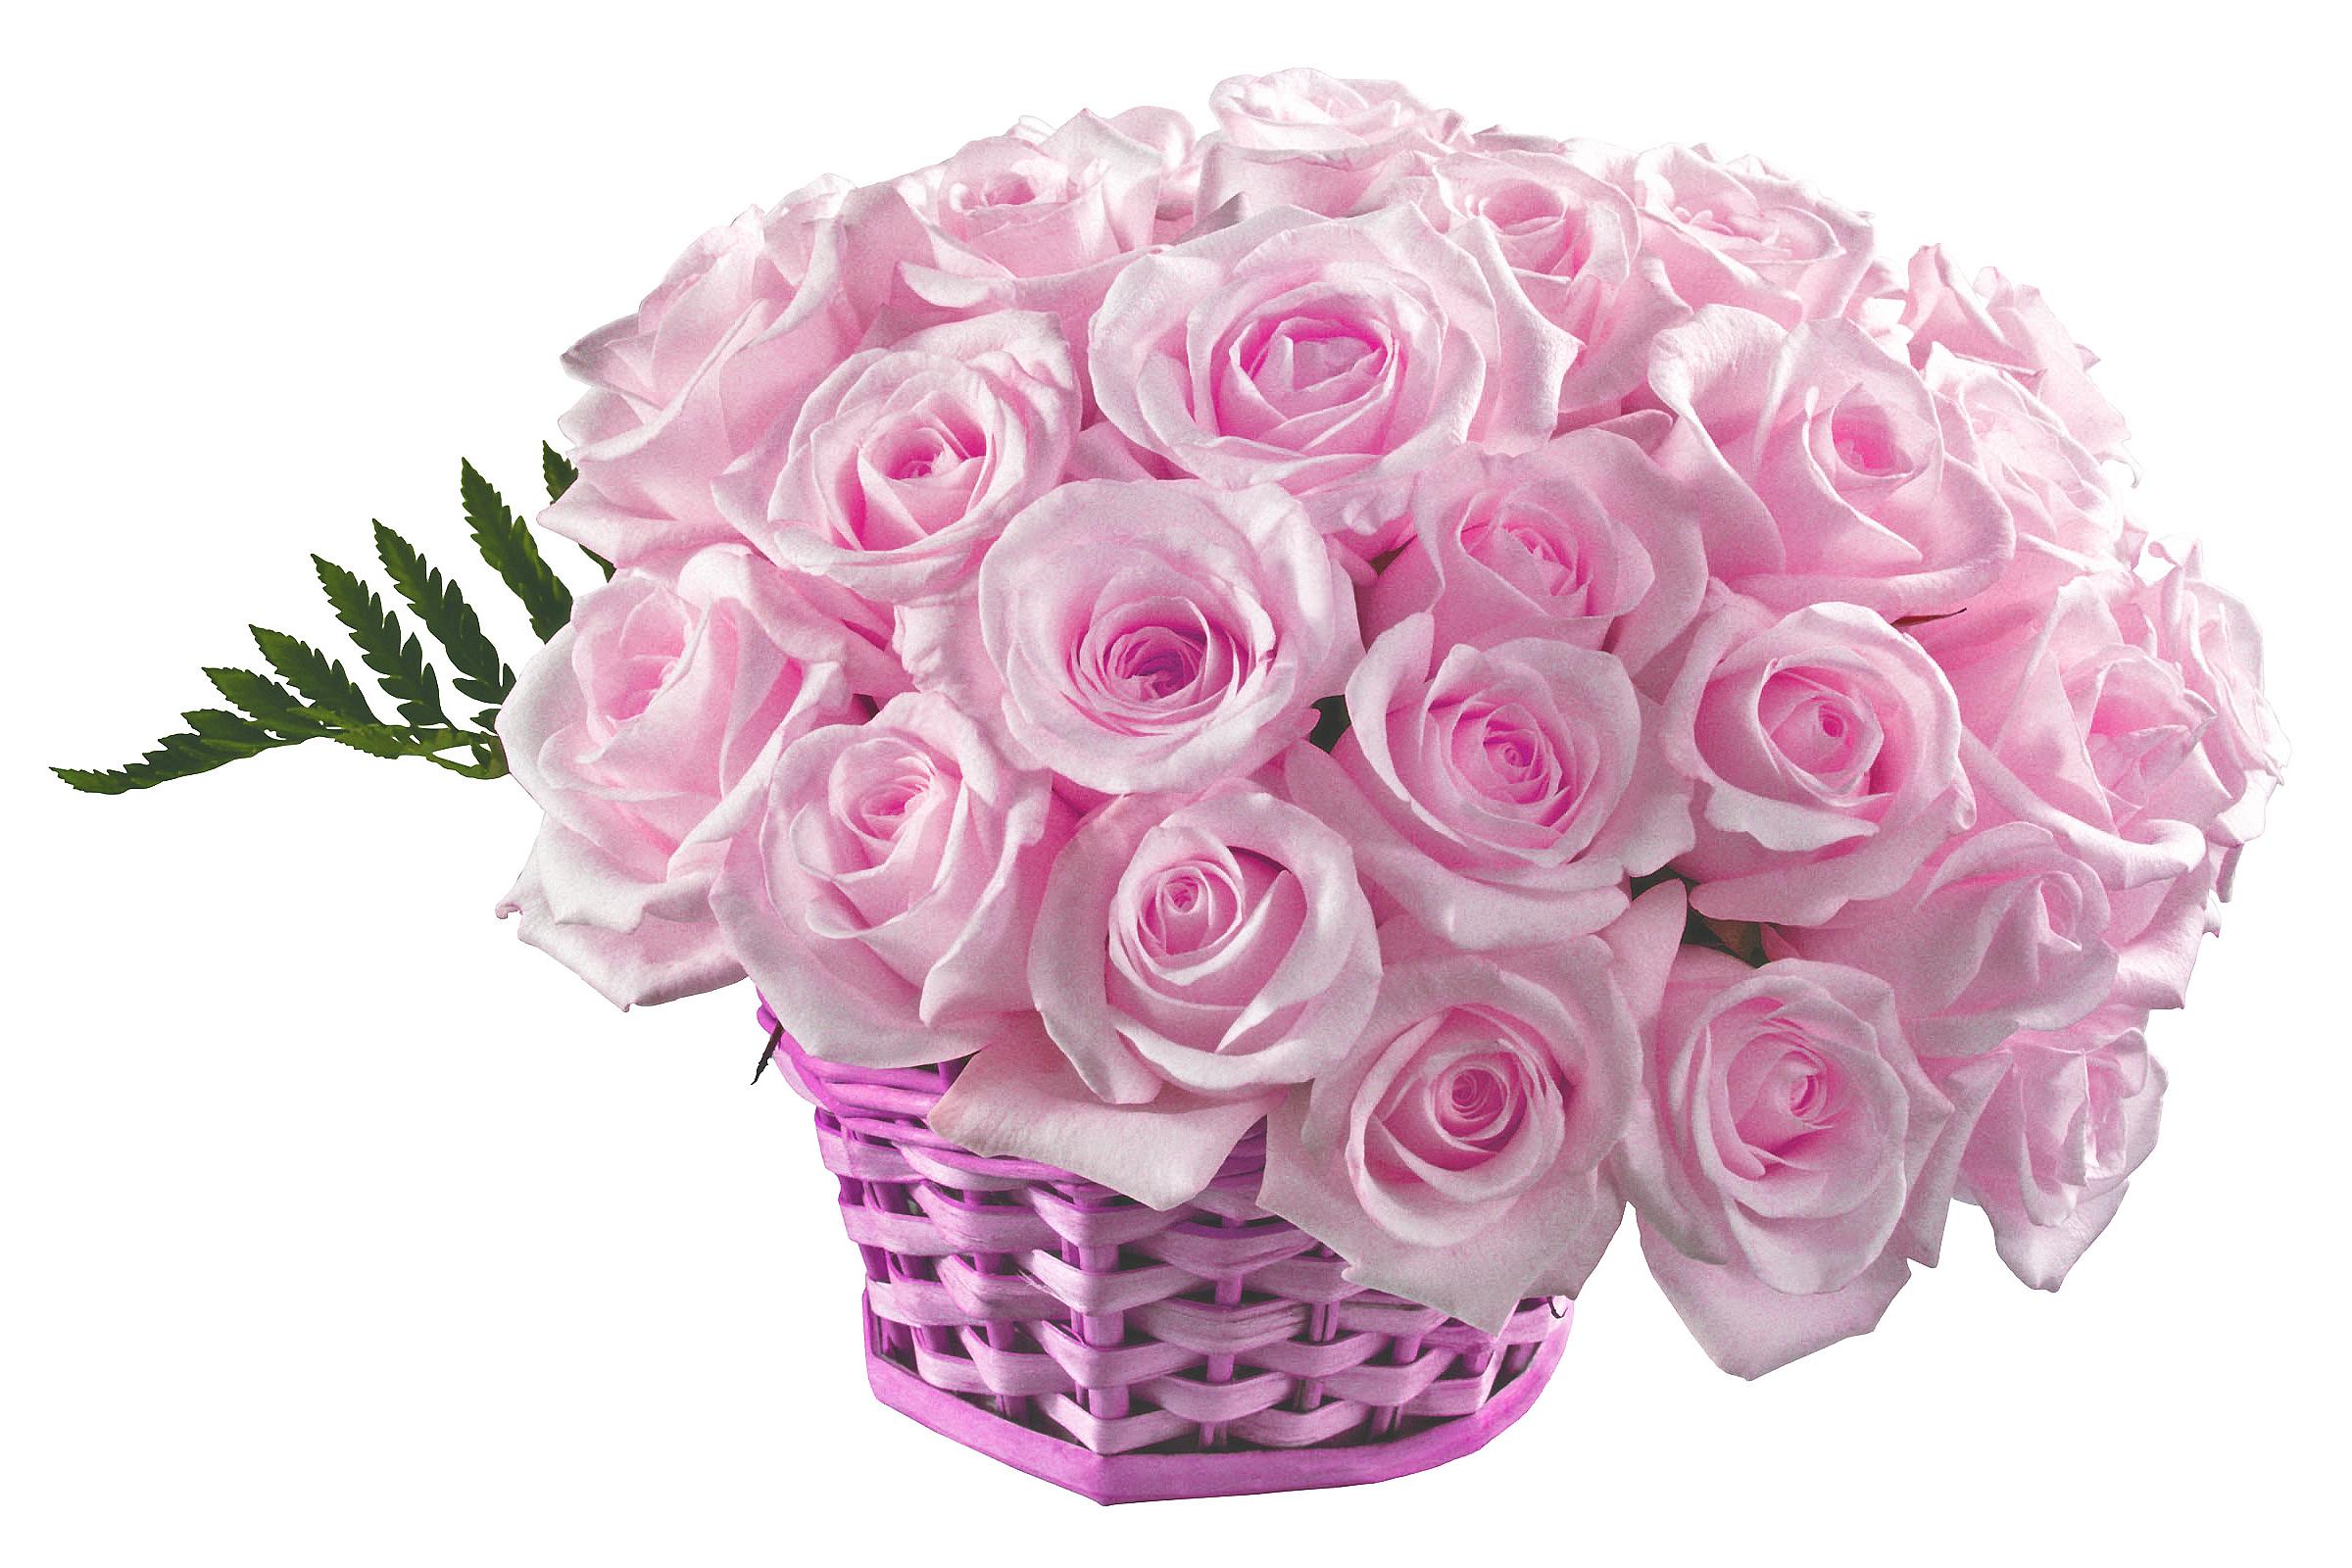 Картинка букета роз на белом фоне